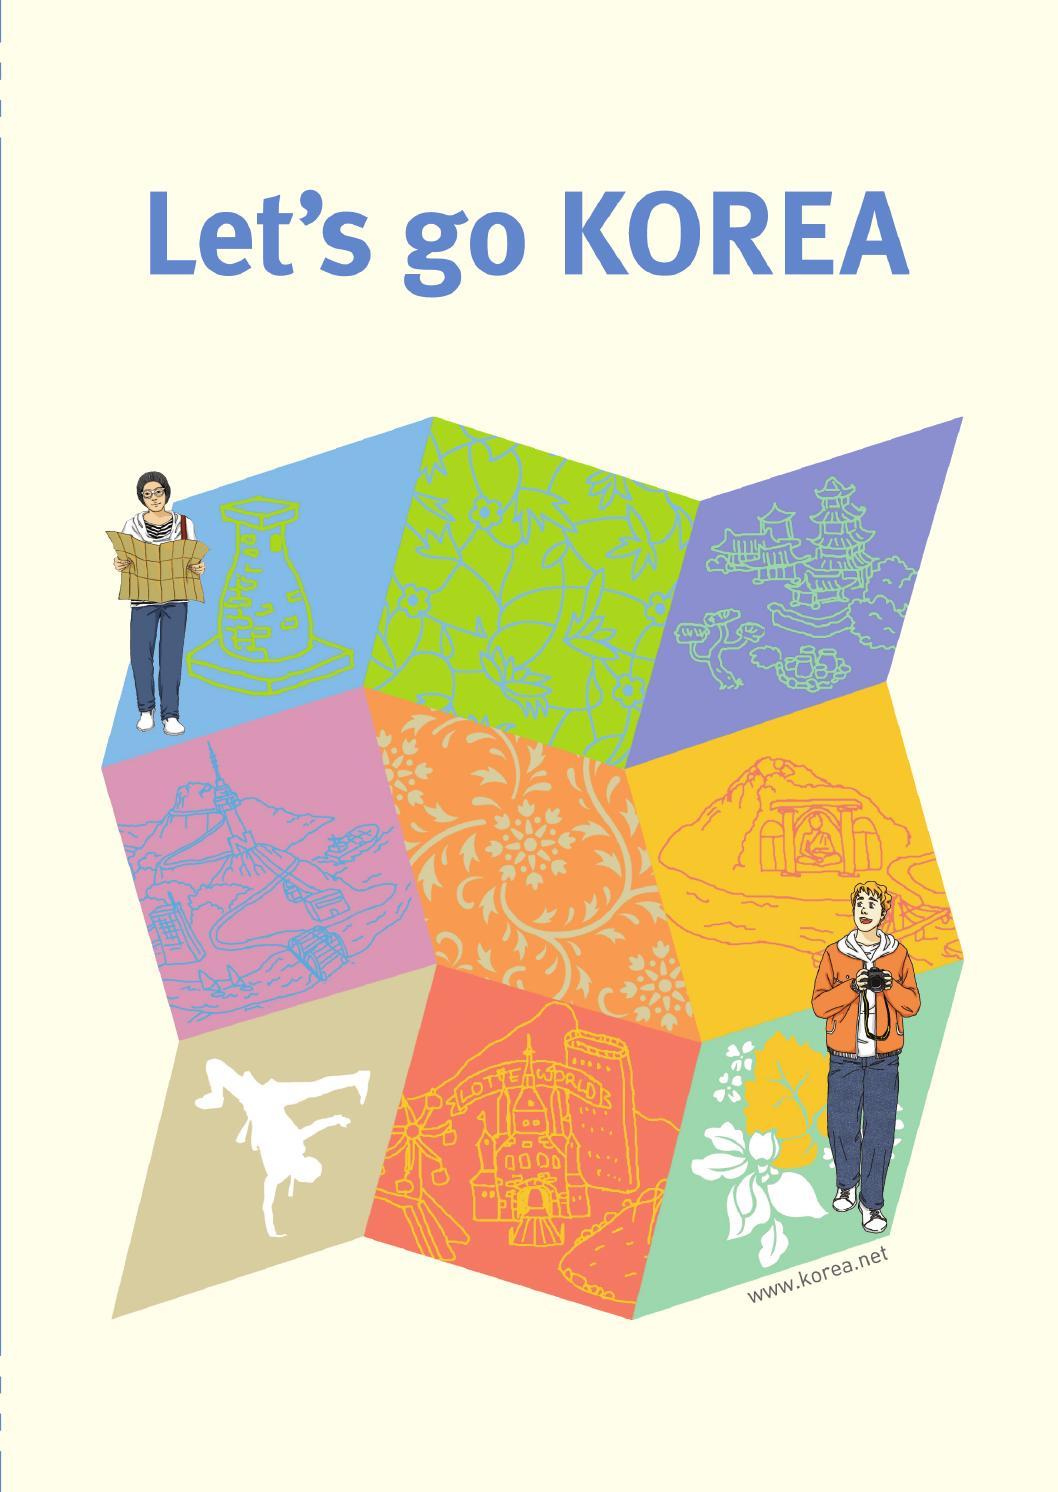 29576541b82 lets go korea english by KOCIS - issuu